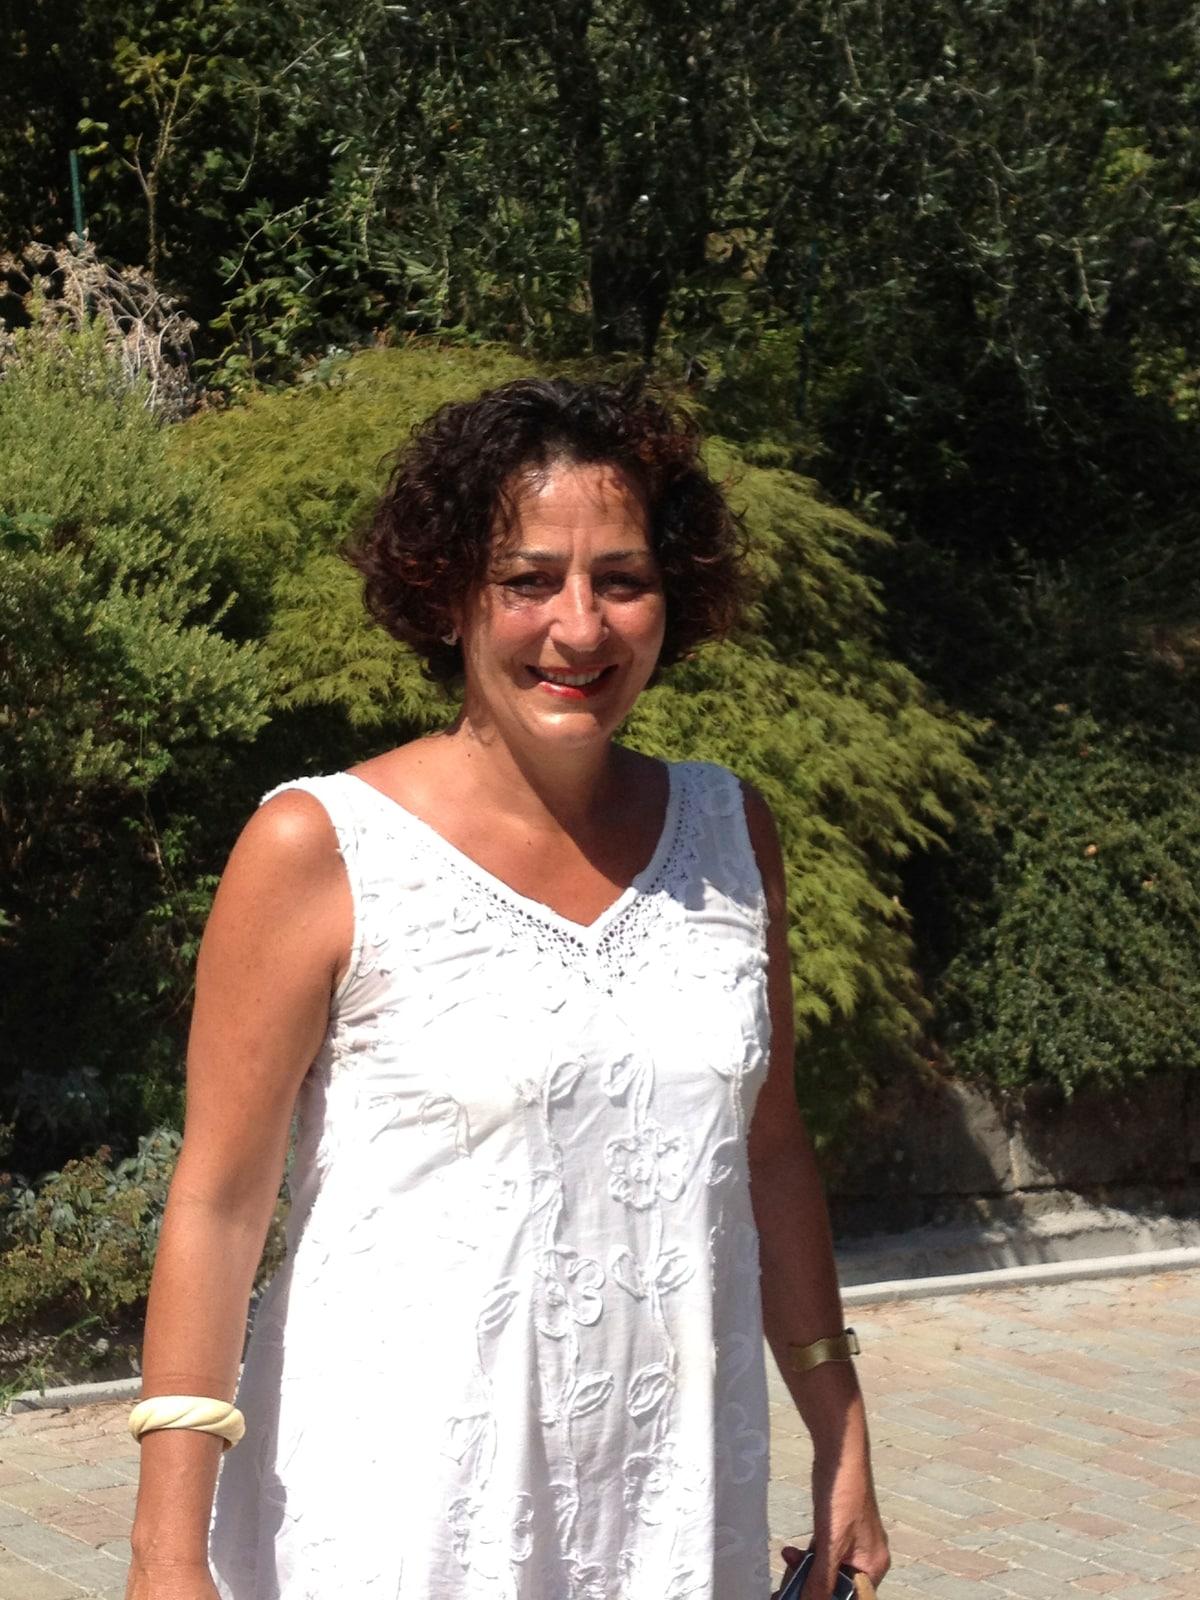 Paola from Massa